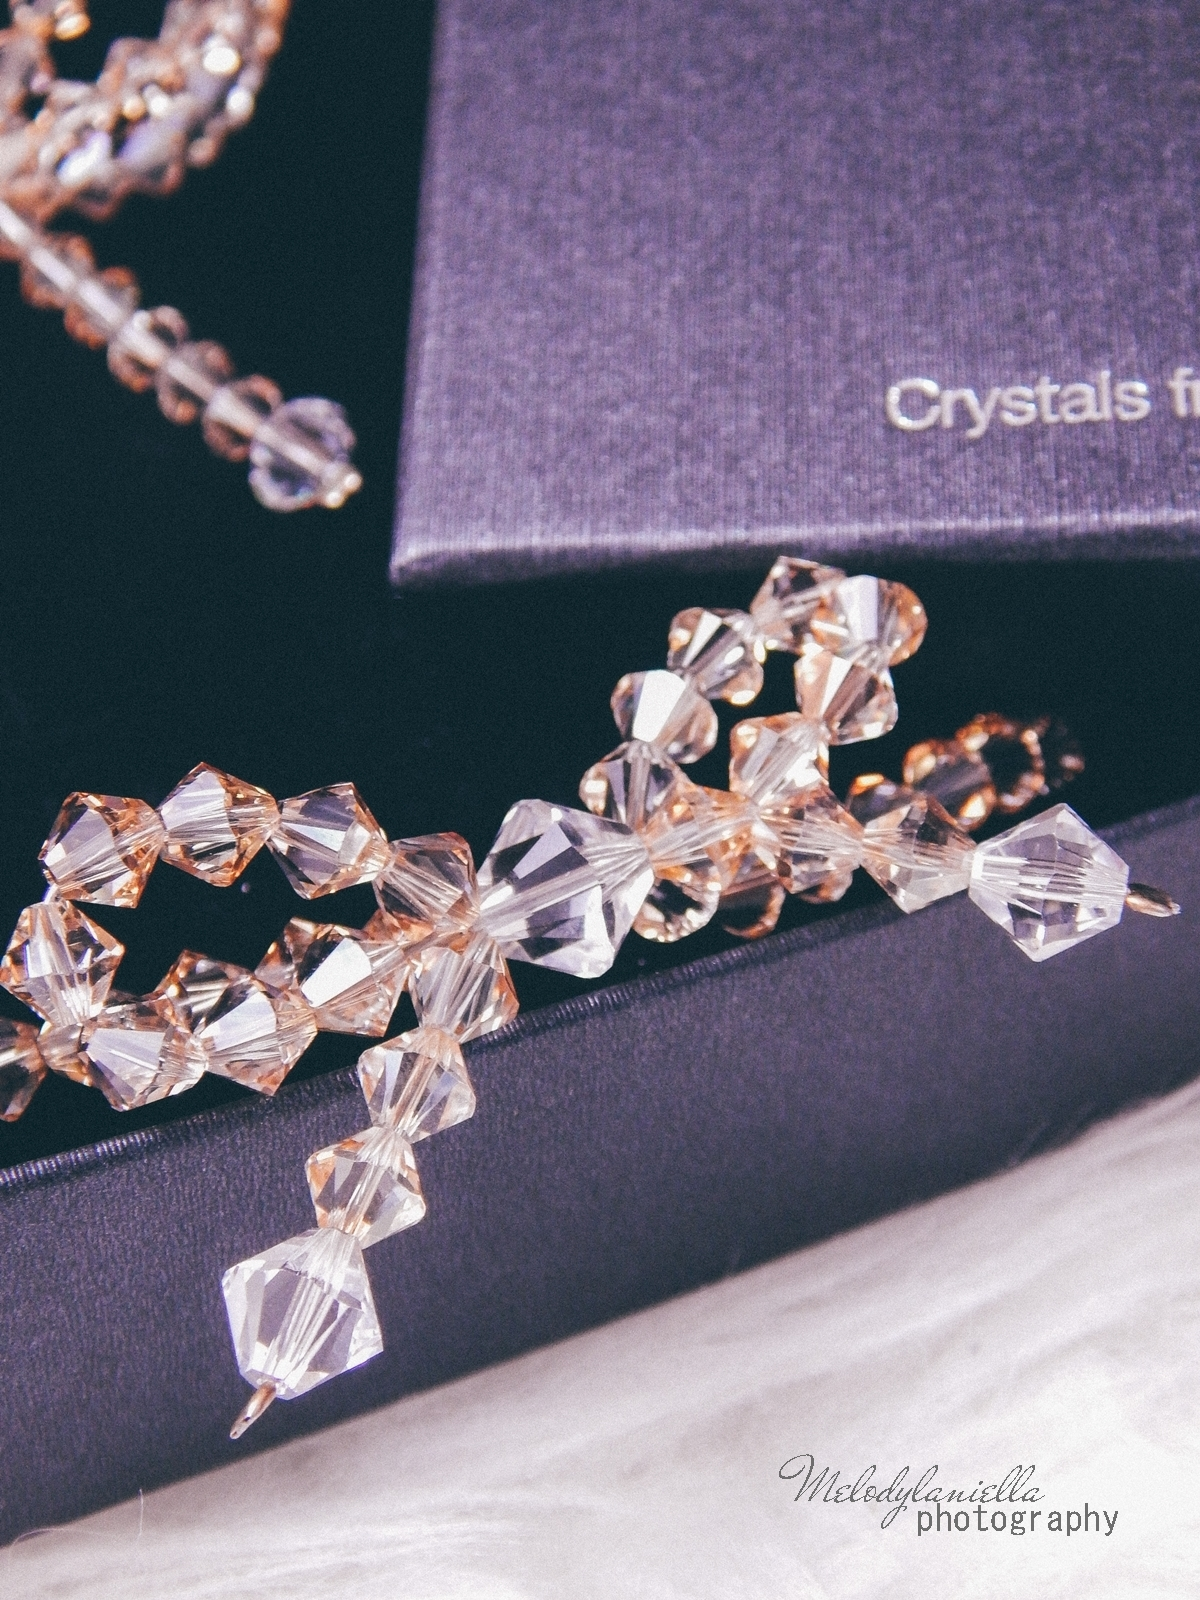 6 biżuteria M piotrowski recenzje kryształy swarovski przegląd opinie recenzje jak dobrać biżuterie modna biżuteria stylowe dodatki kryształy bransoletka z kokardką naszyjnik z kokardą złoto srebro fashion